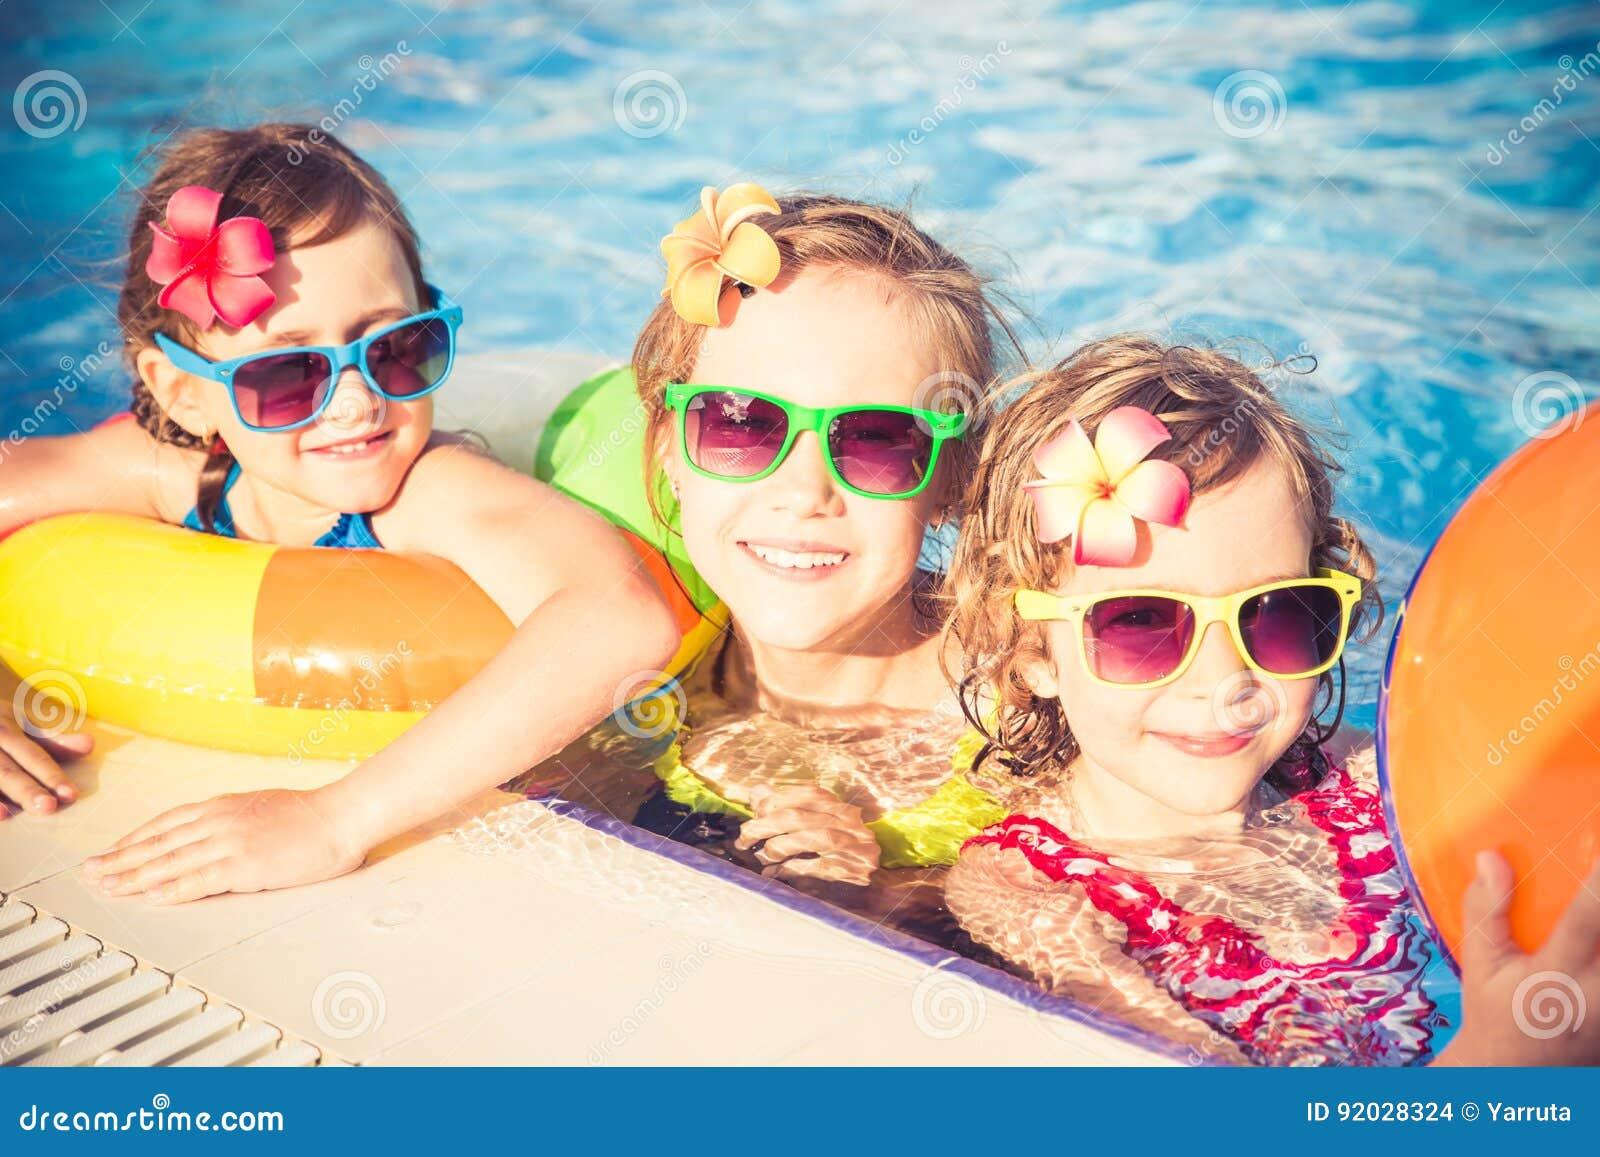 Niños felices en la piscina